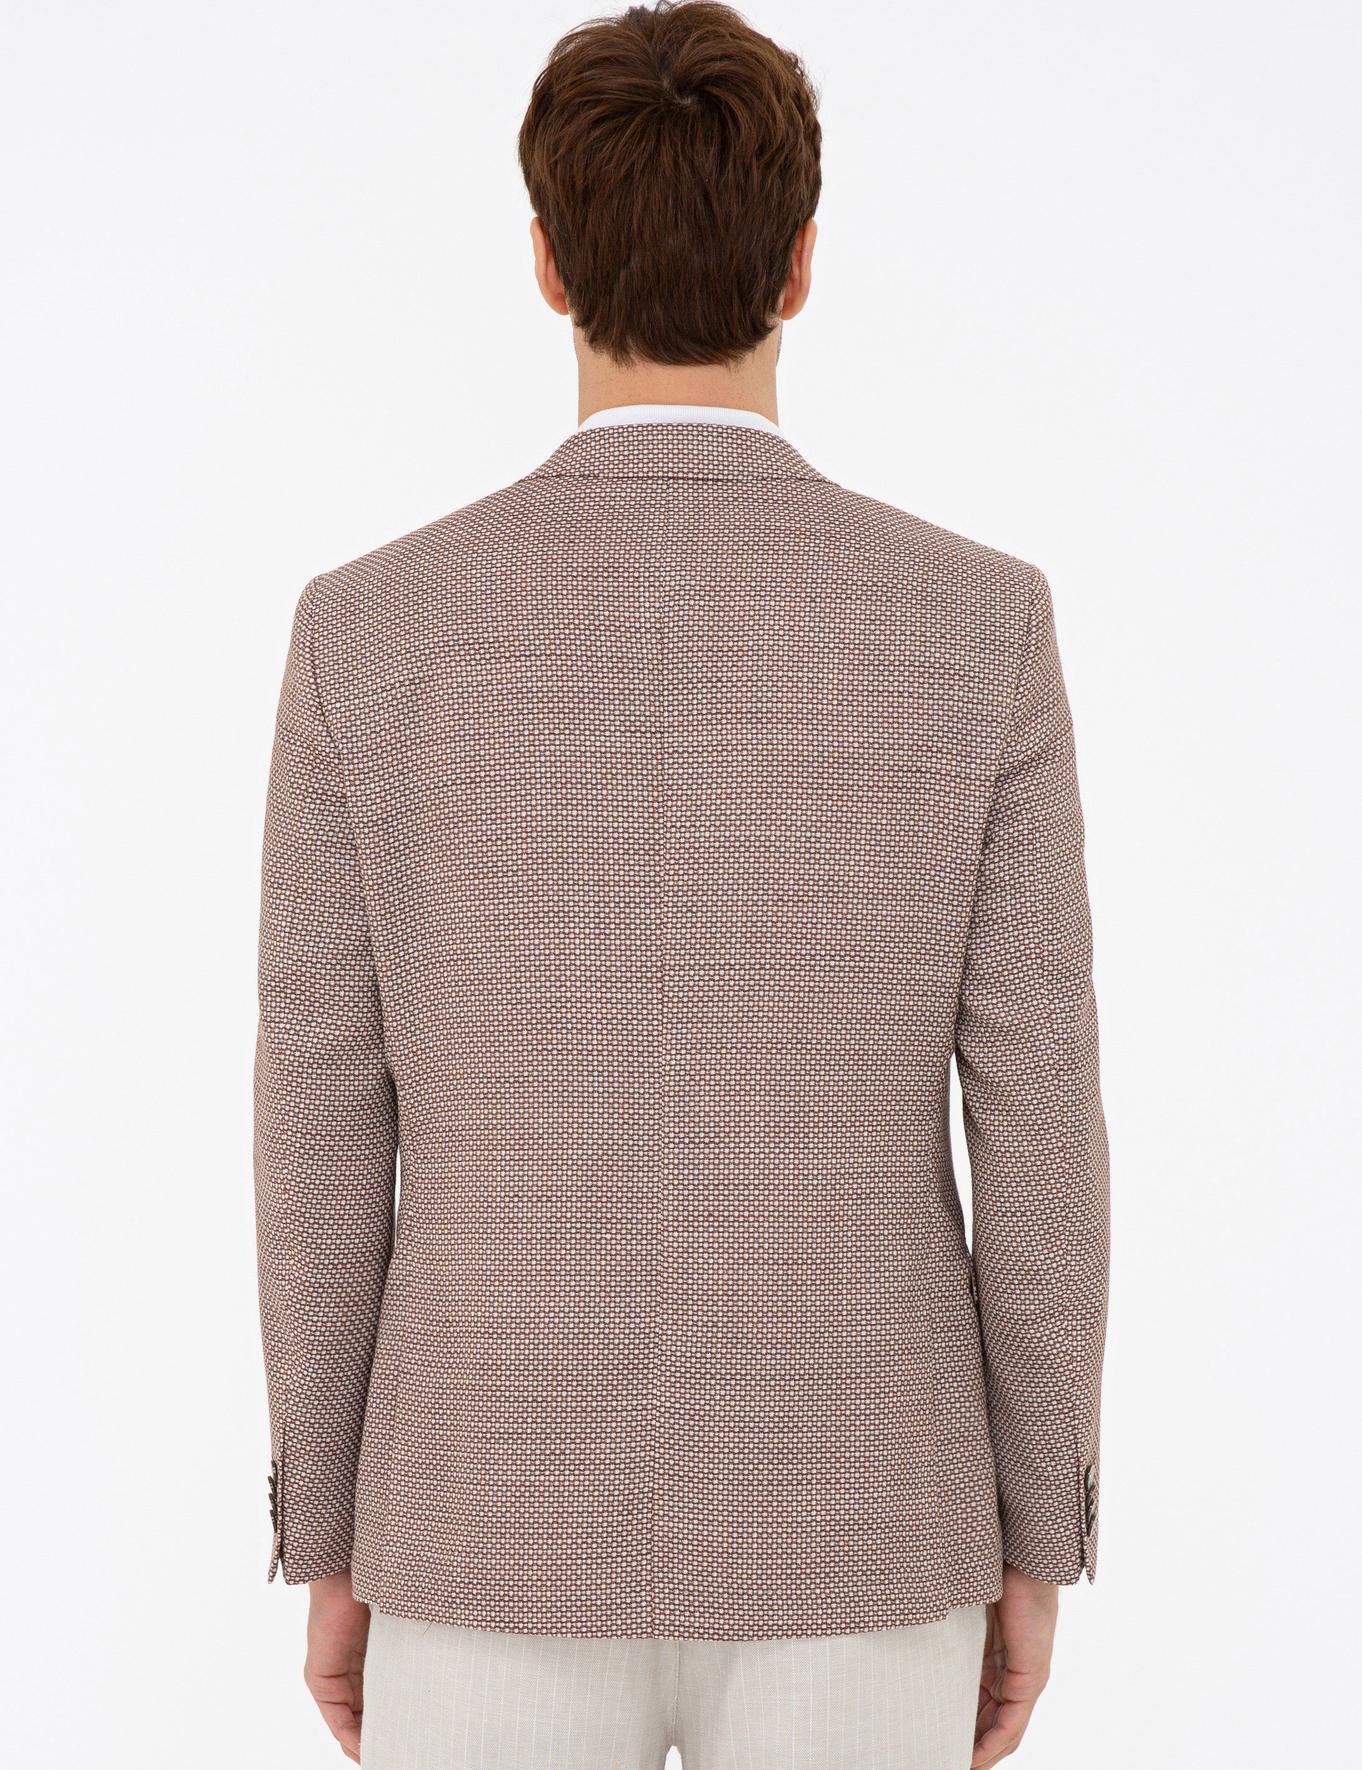 Kahverengi Slim Fit Ceket - 50233097047